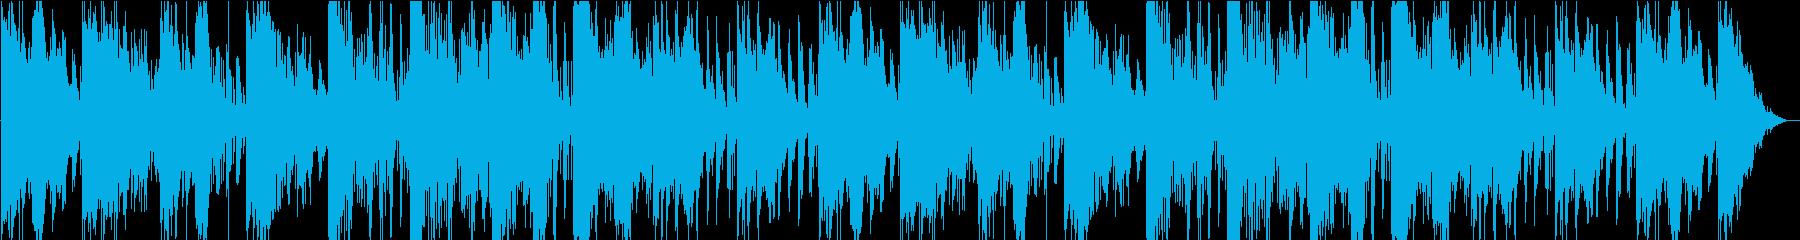 不思議な重く緊迫感のあるオーケストラの再生済みの波形